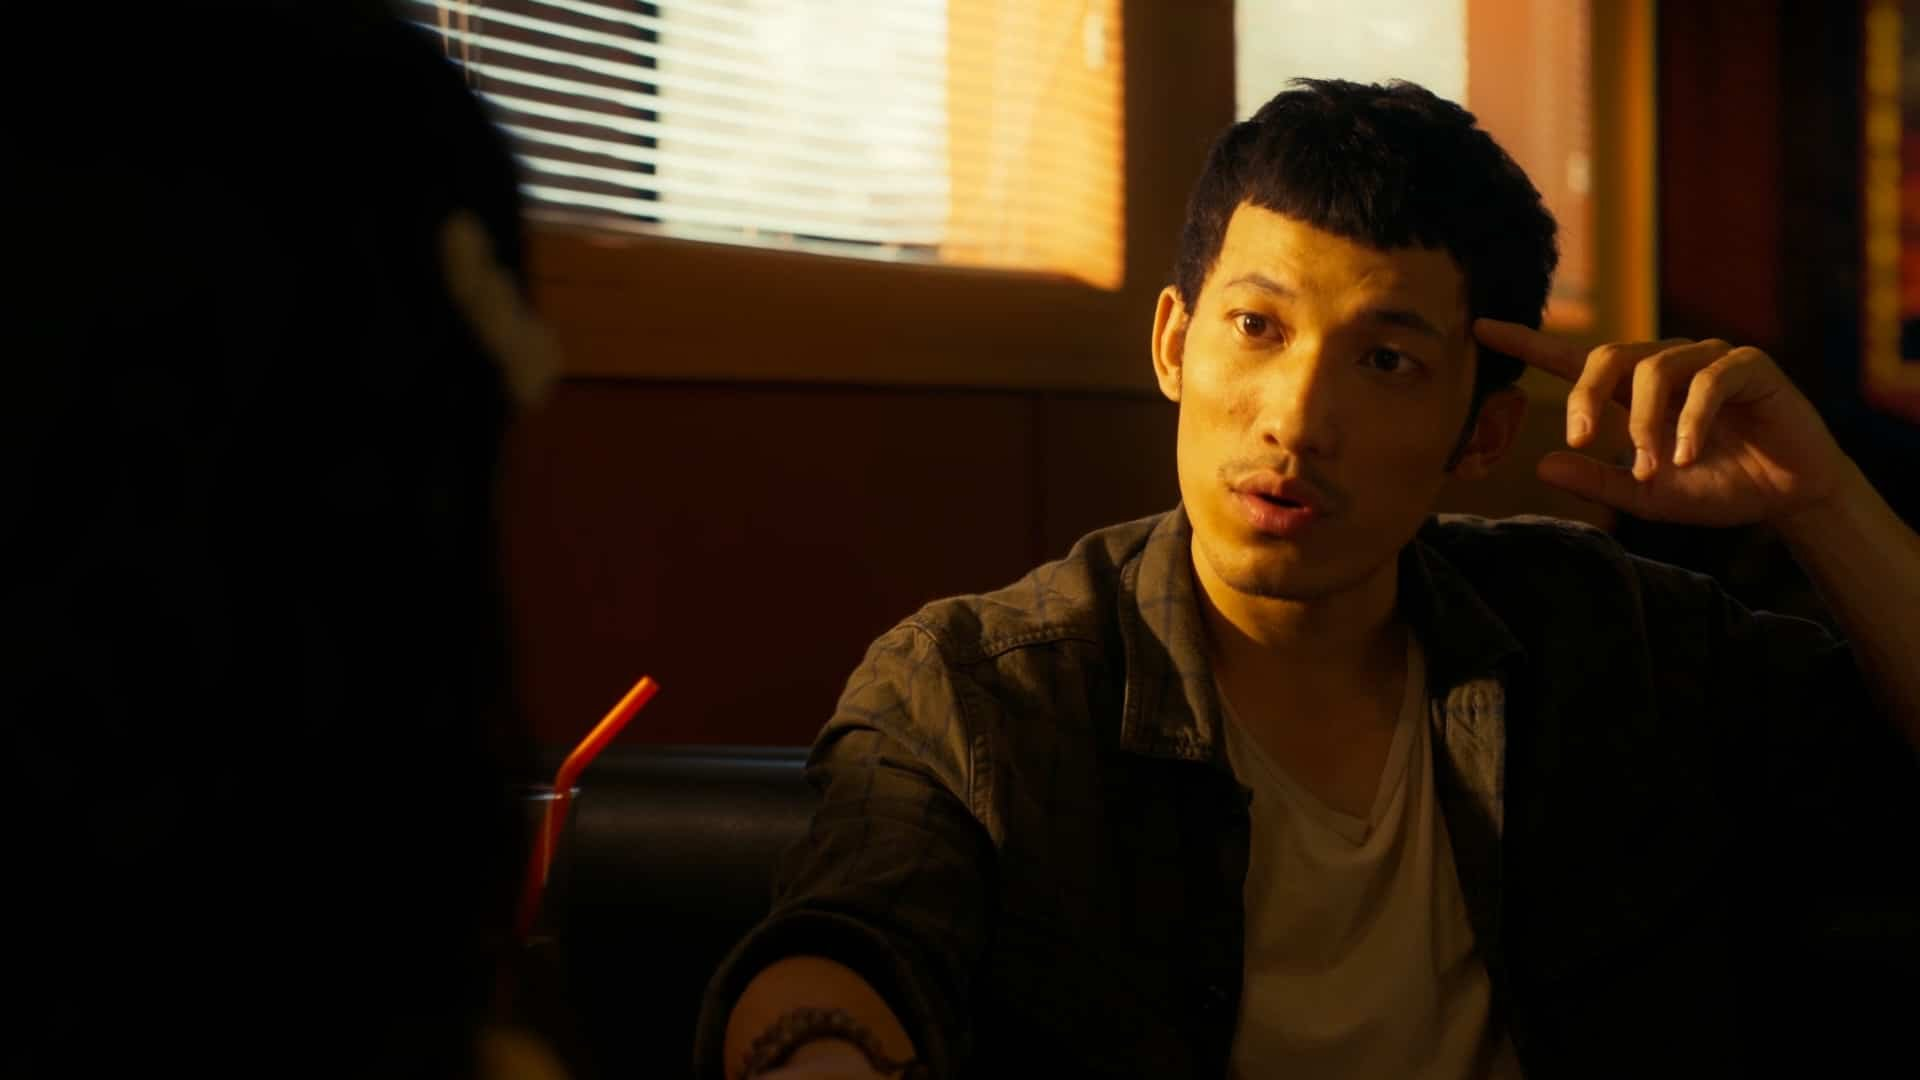 Liên Bỉnh Phát – Yu Dương lần đầu nên duyên trong phim điện ảnh kinh dị chiếu mạng - hình ảnh 3